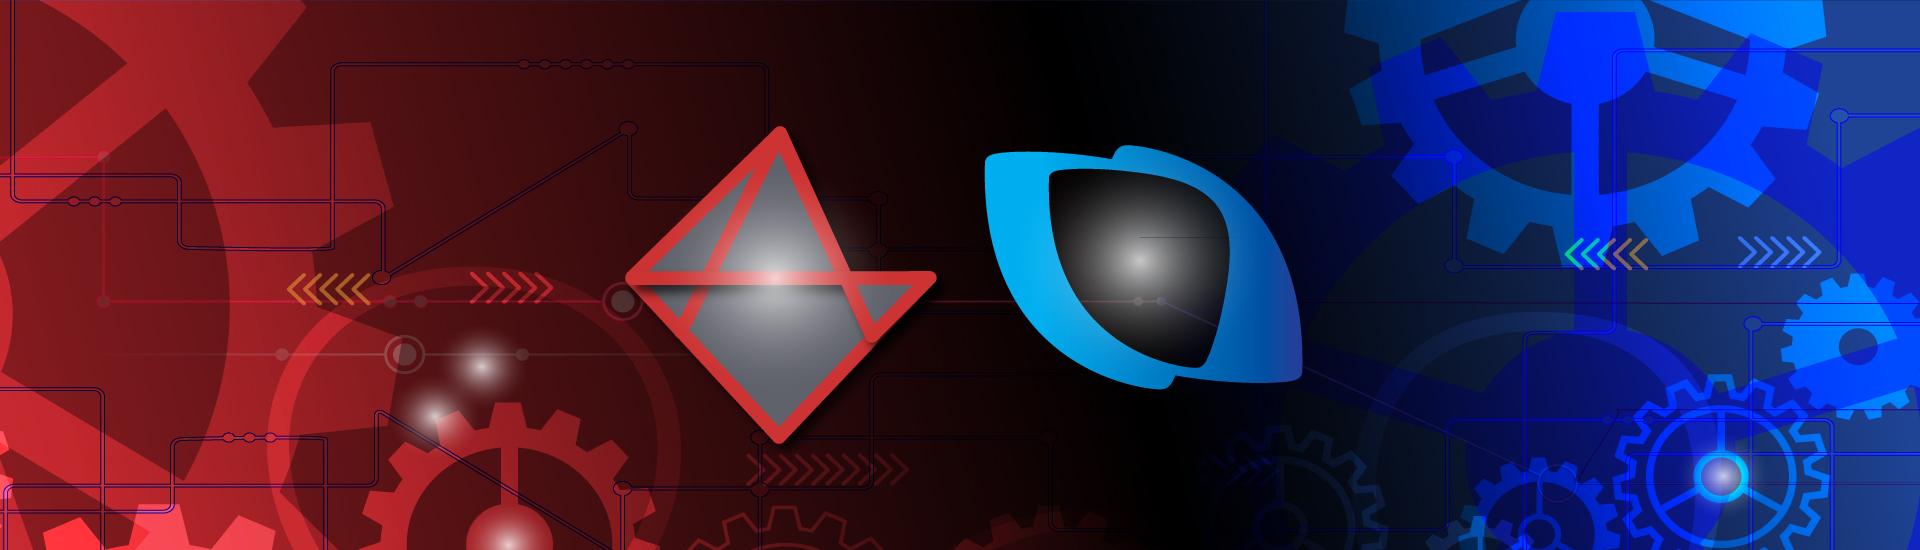 Ardis Technologies Partner of Infortrend